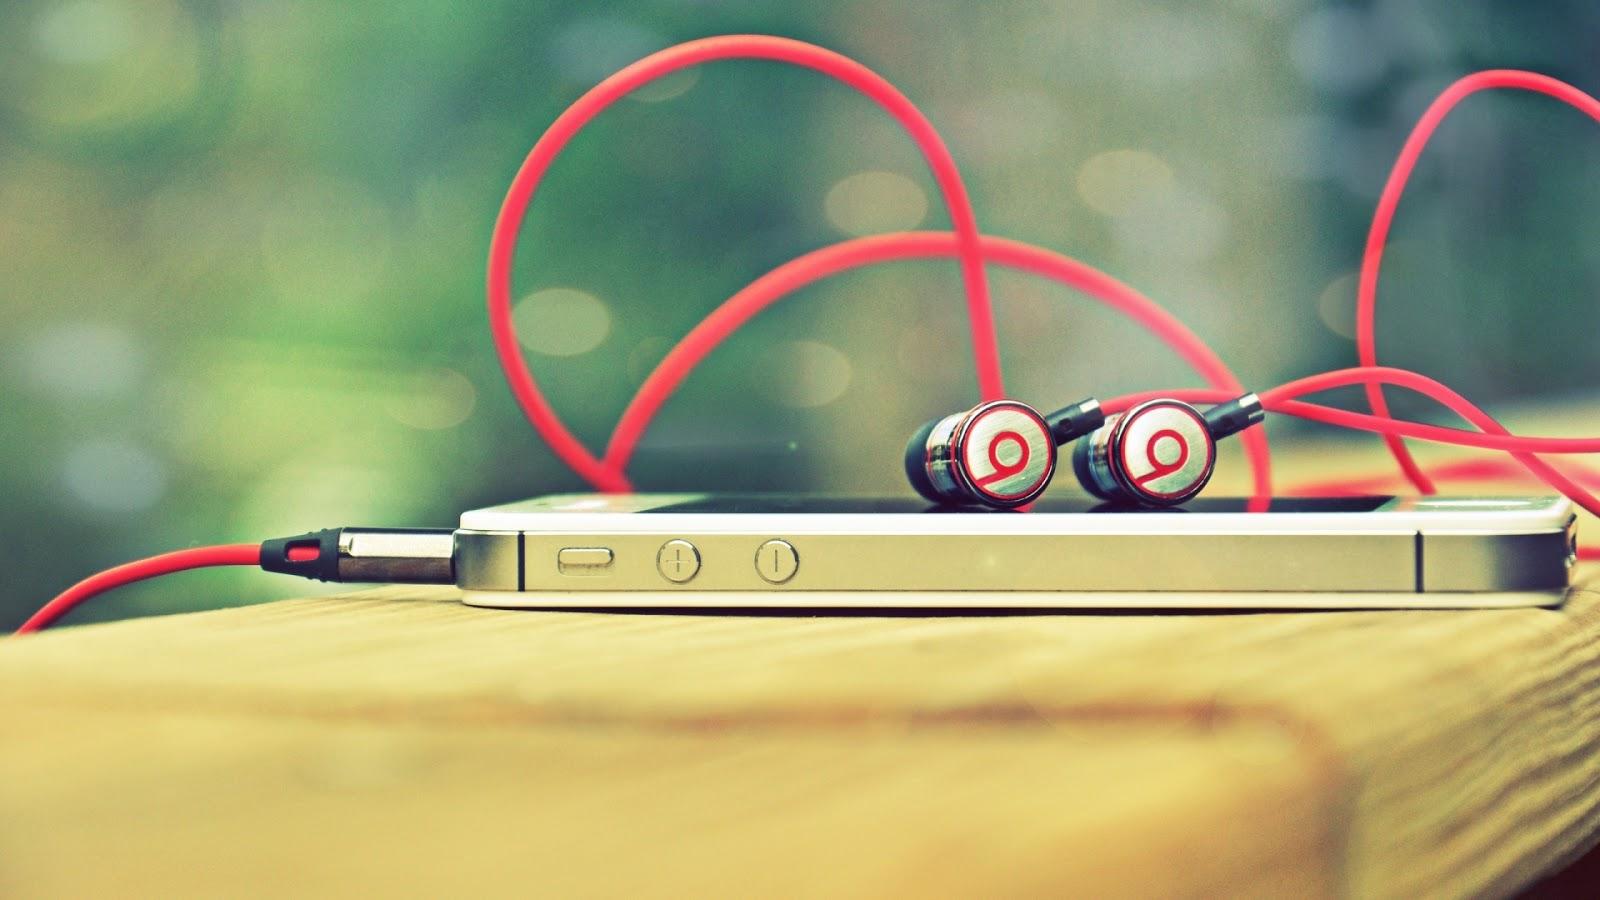 Iphone 4s beats headphones